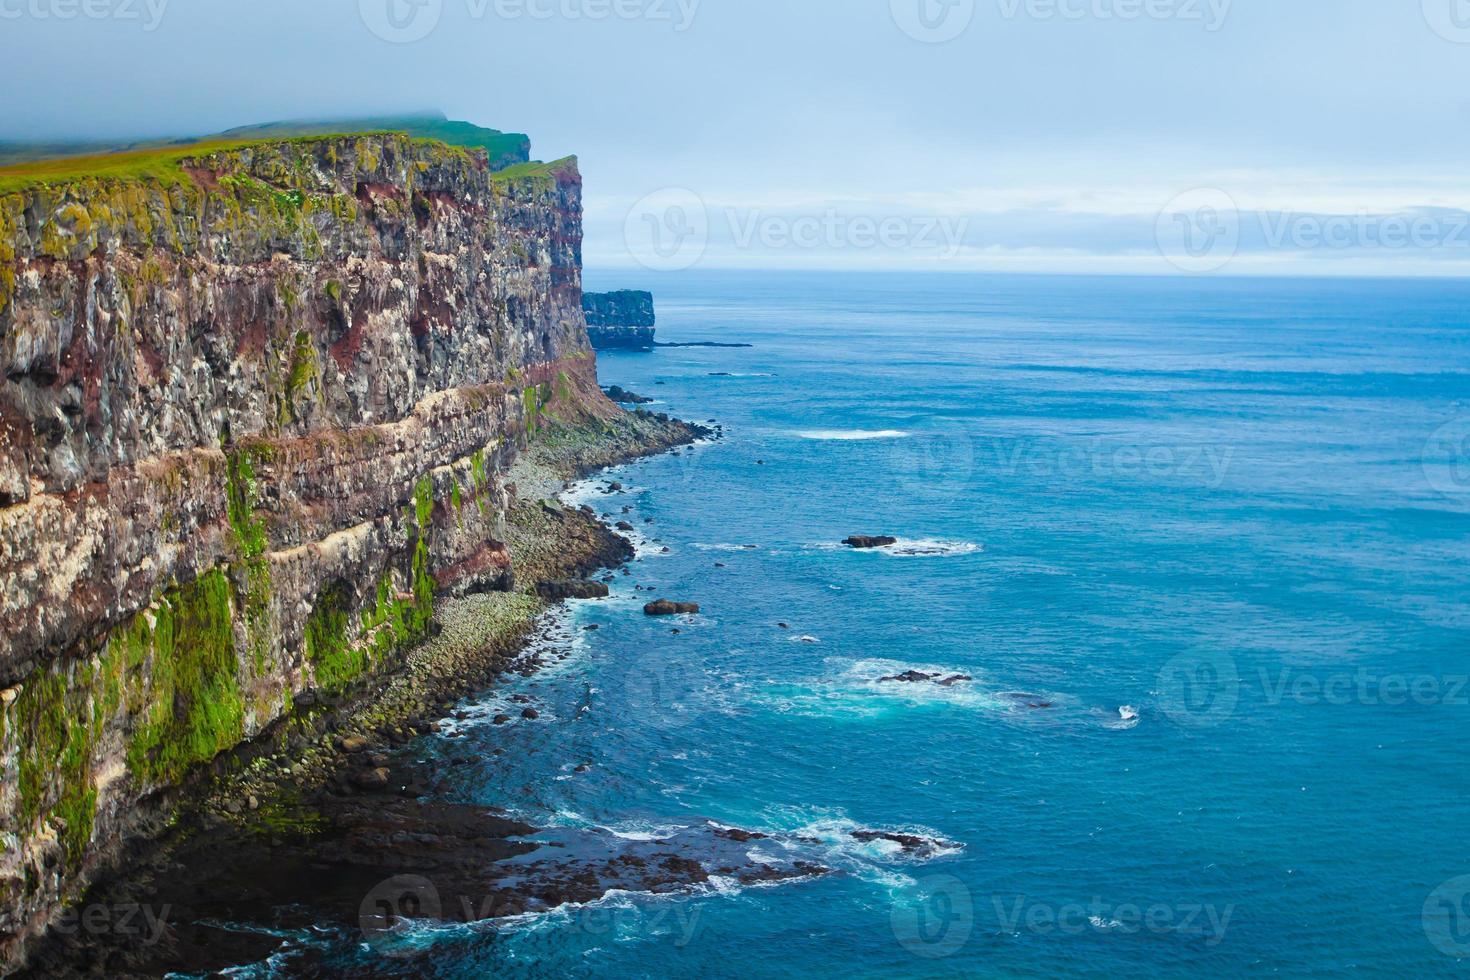 capa de latrabjarg, vestfirdir, islandia, borde del mundo foto